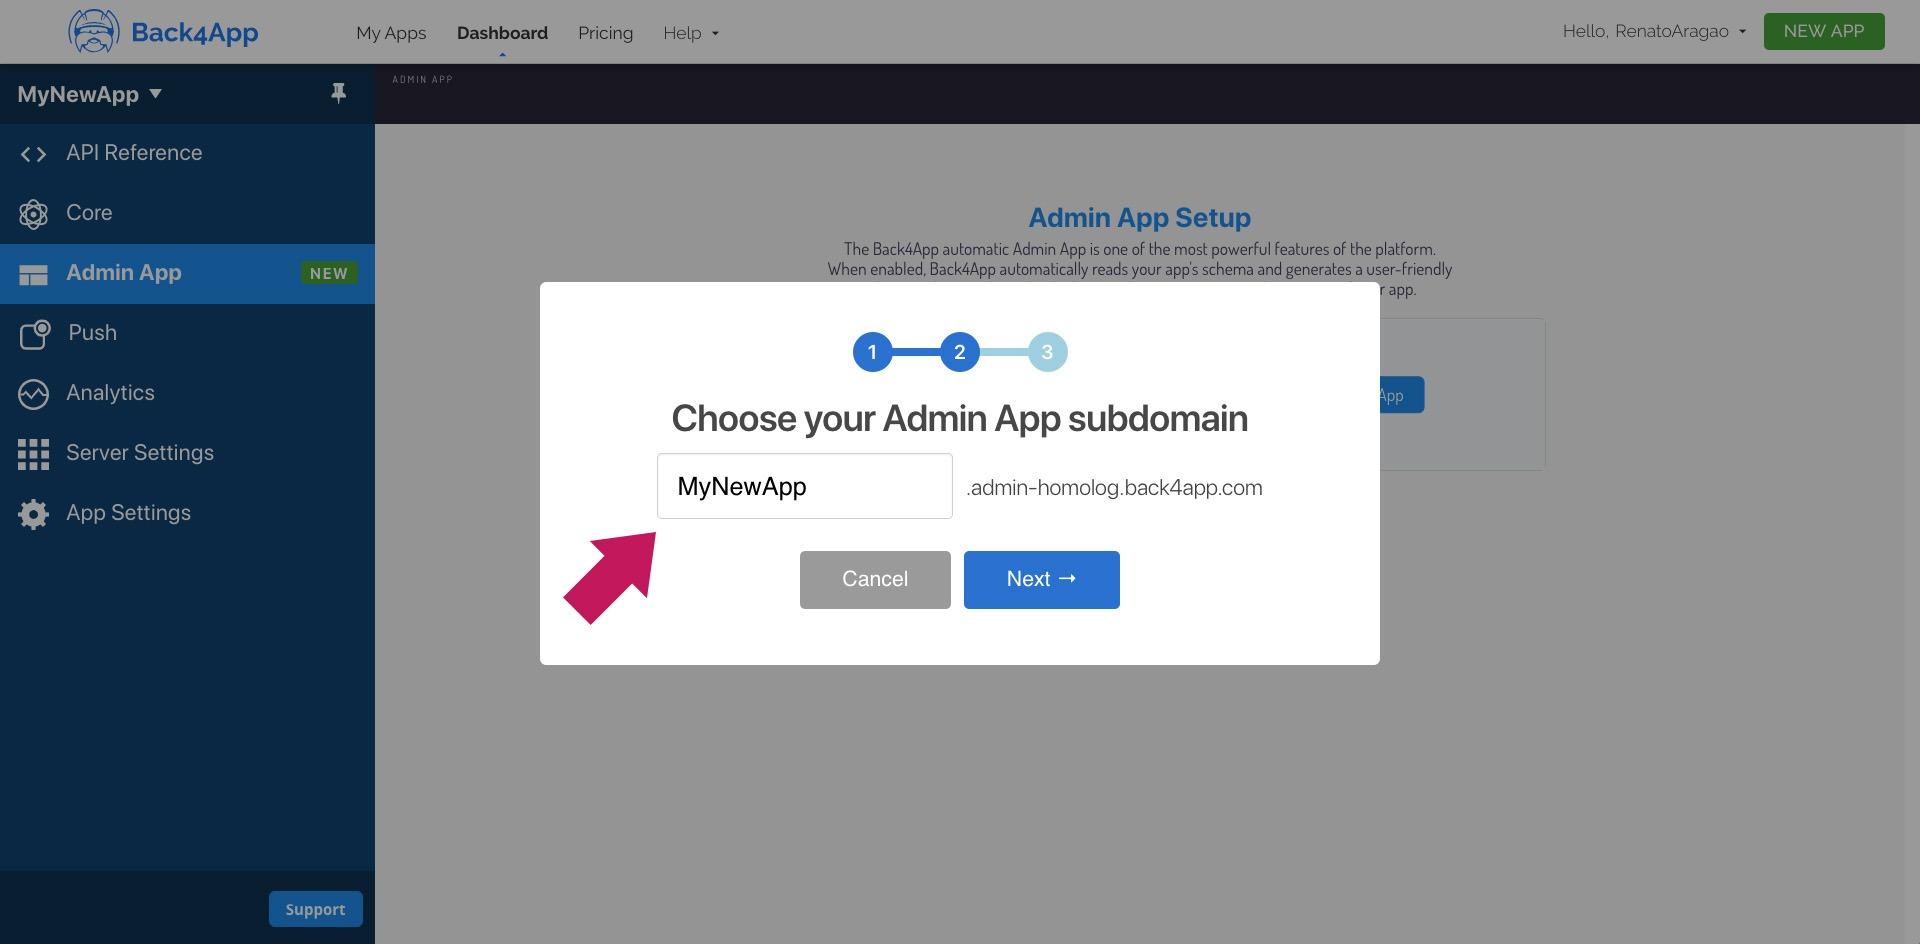 admin-app-new-user